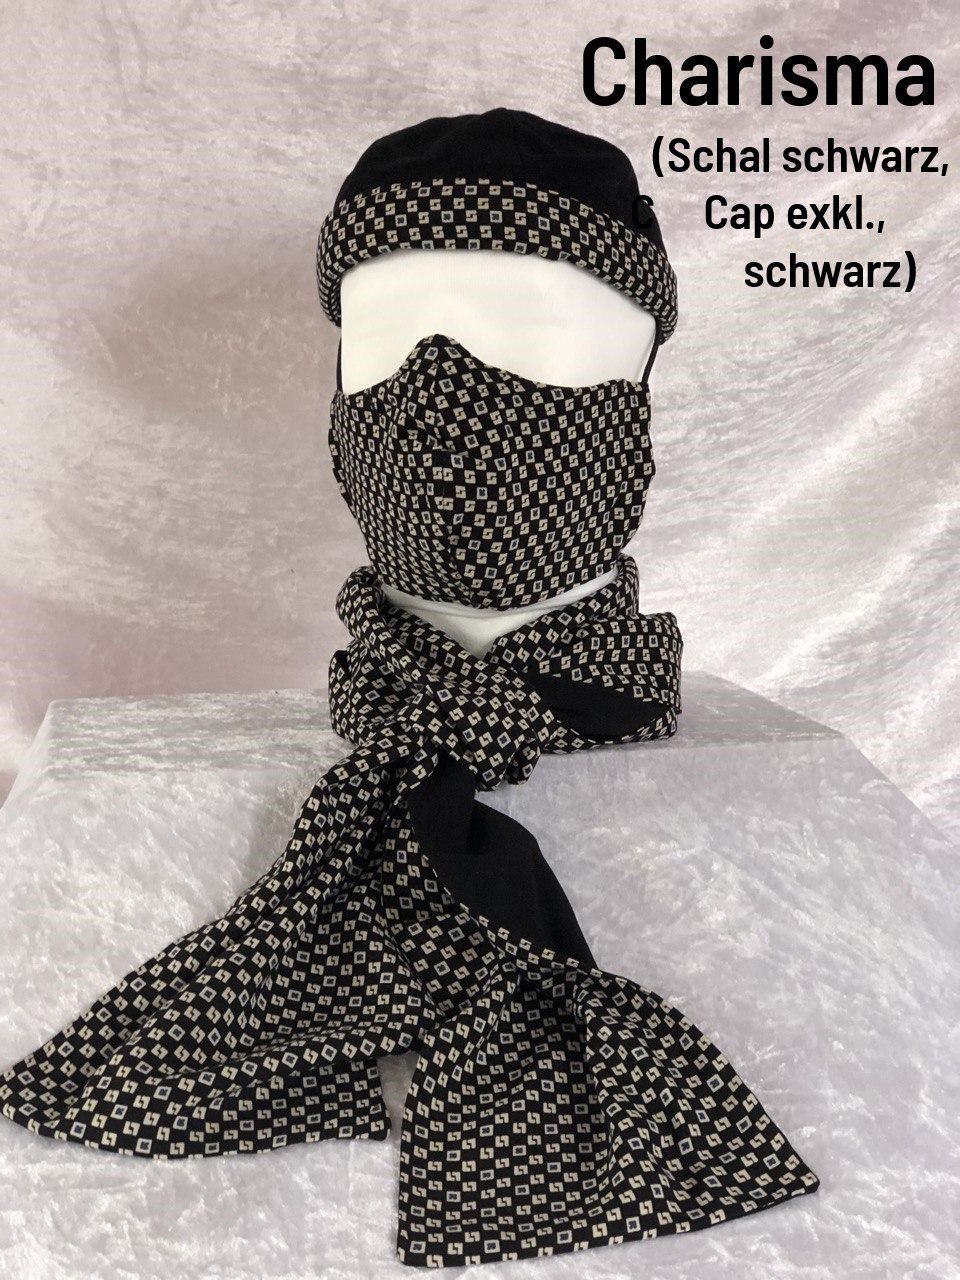 C1 - Maske + Schal schwarz + Cap exklusiv